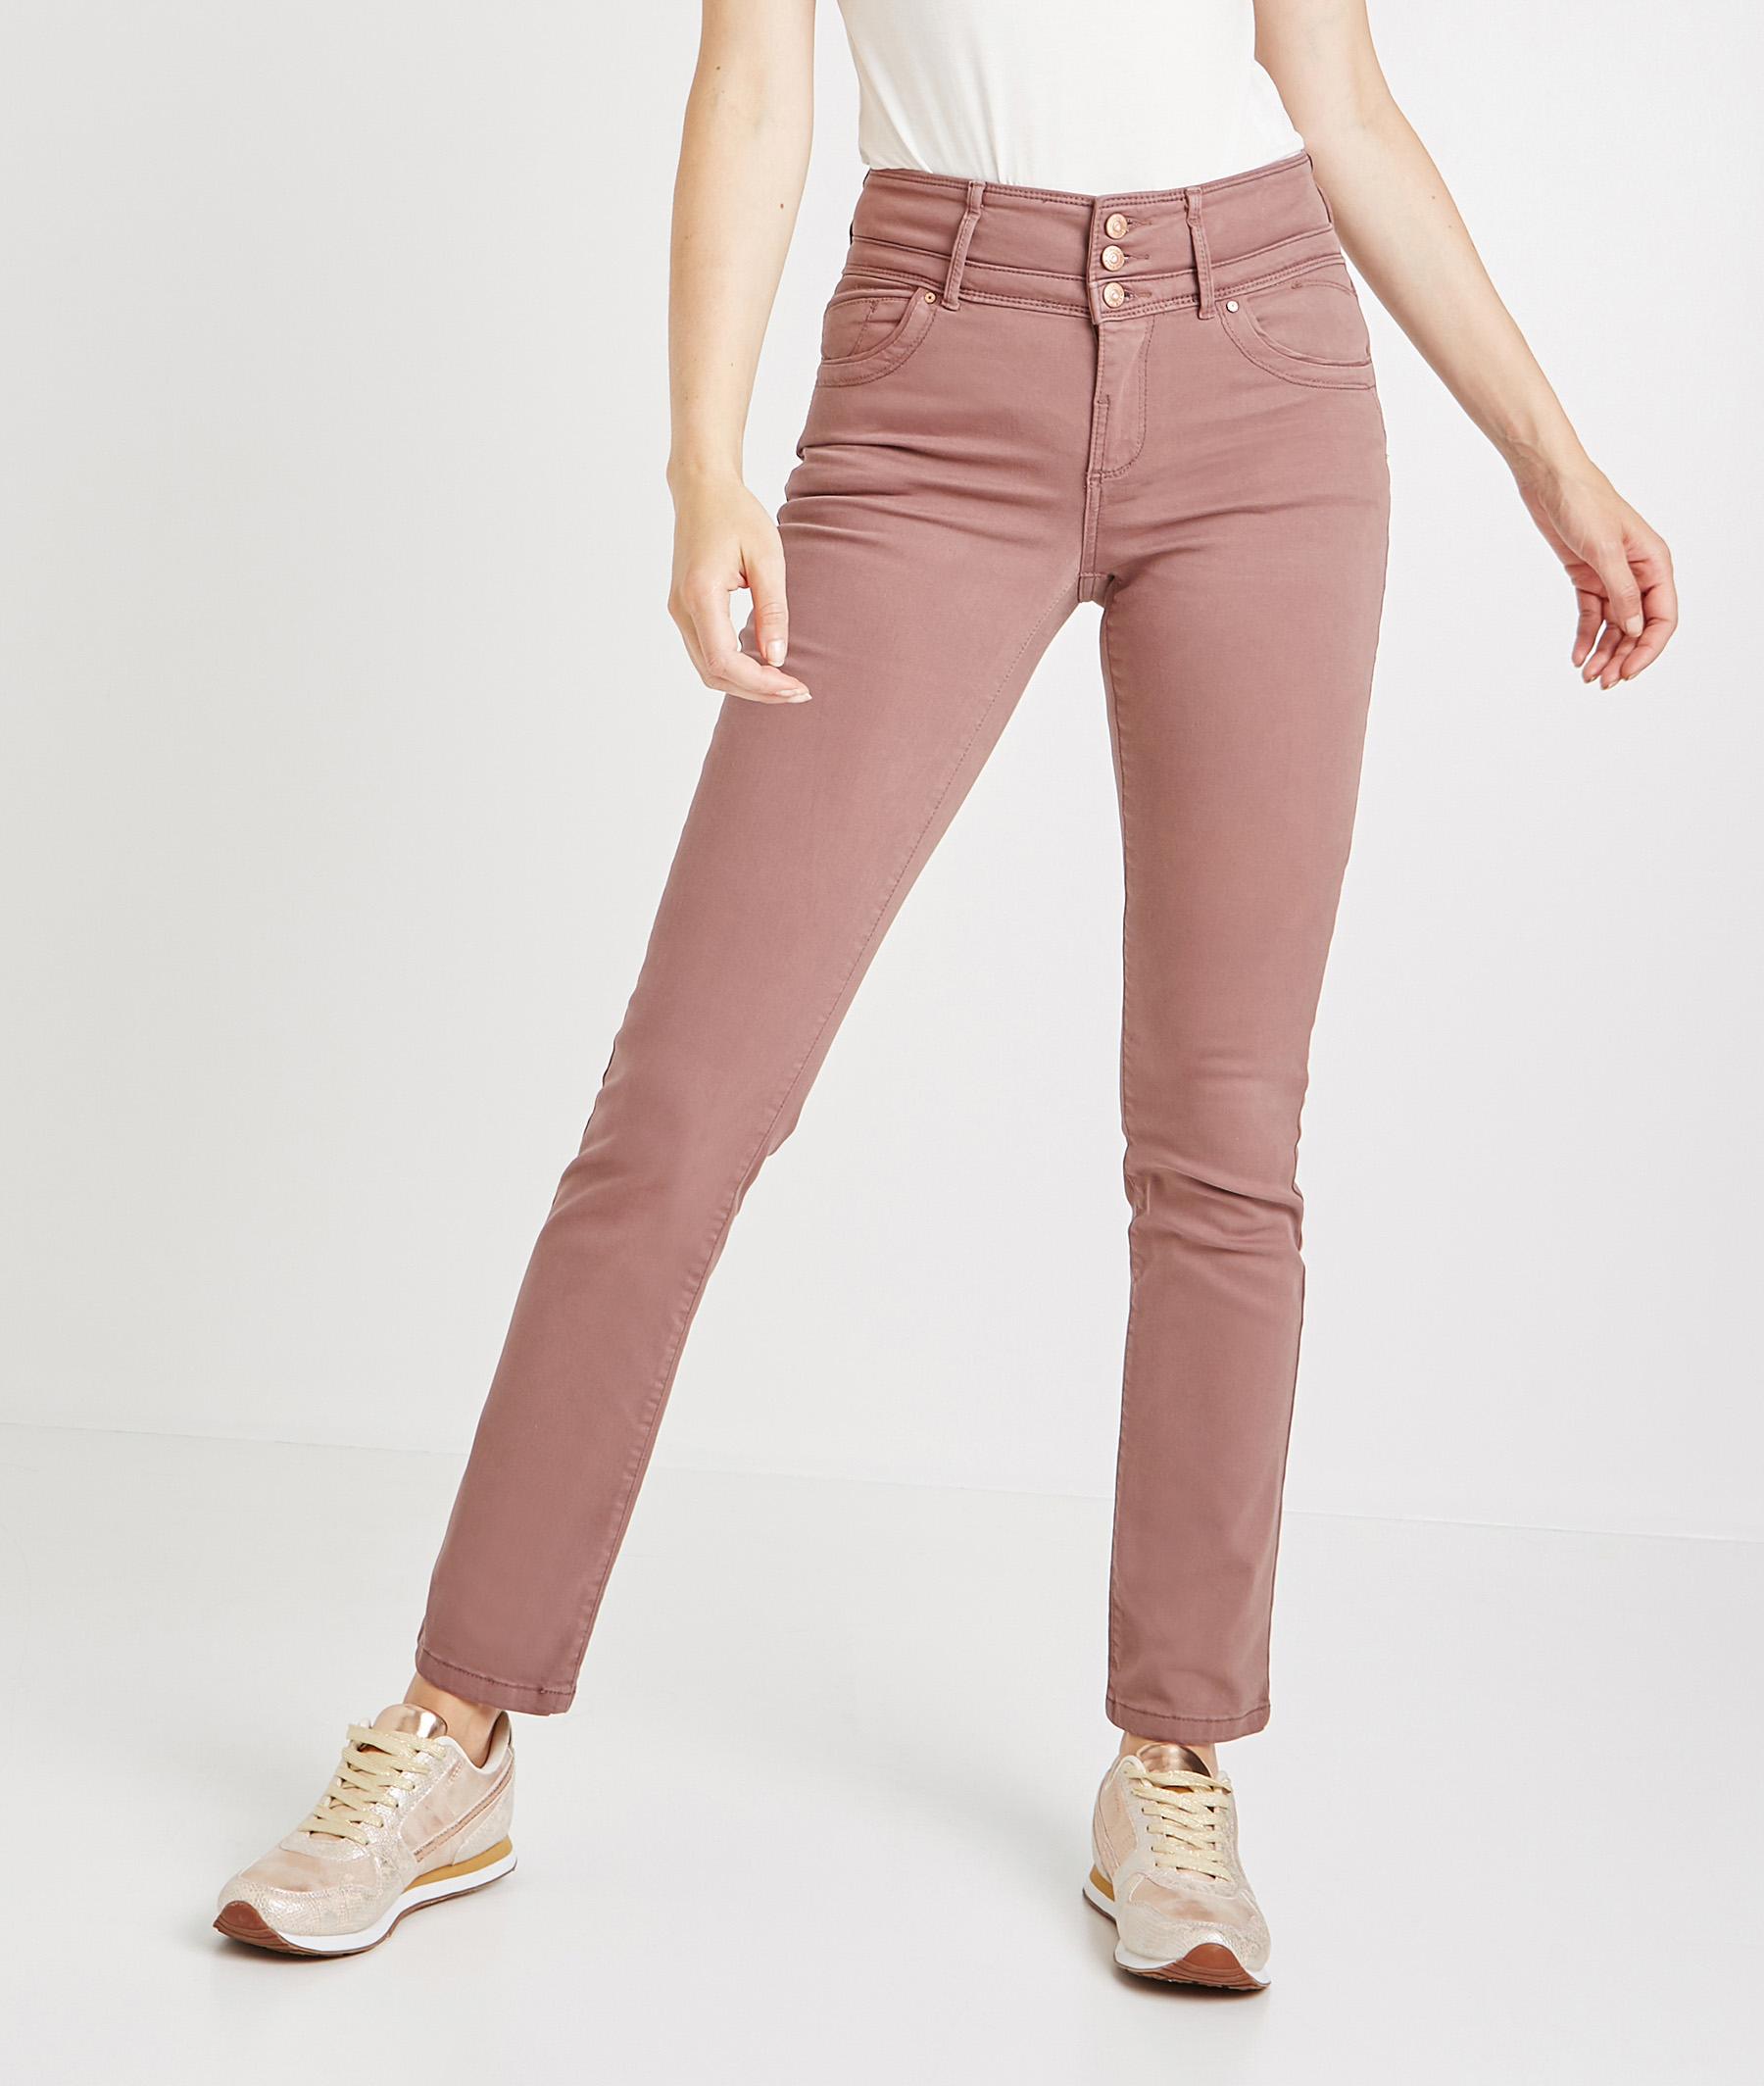 Pantalon droit taille haute de couleur RAISIN